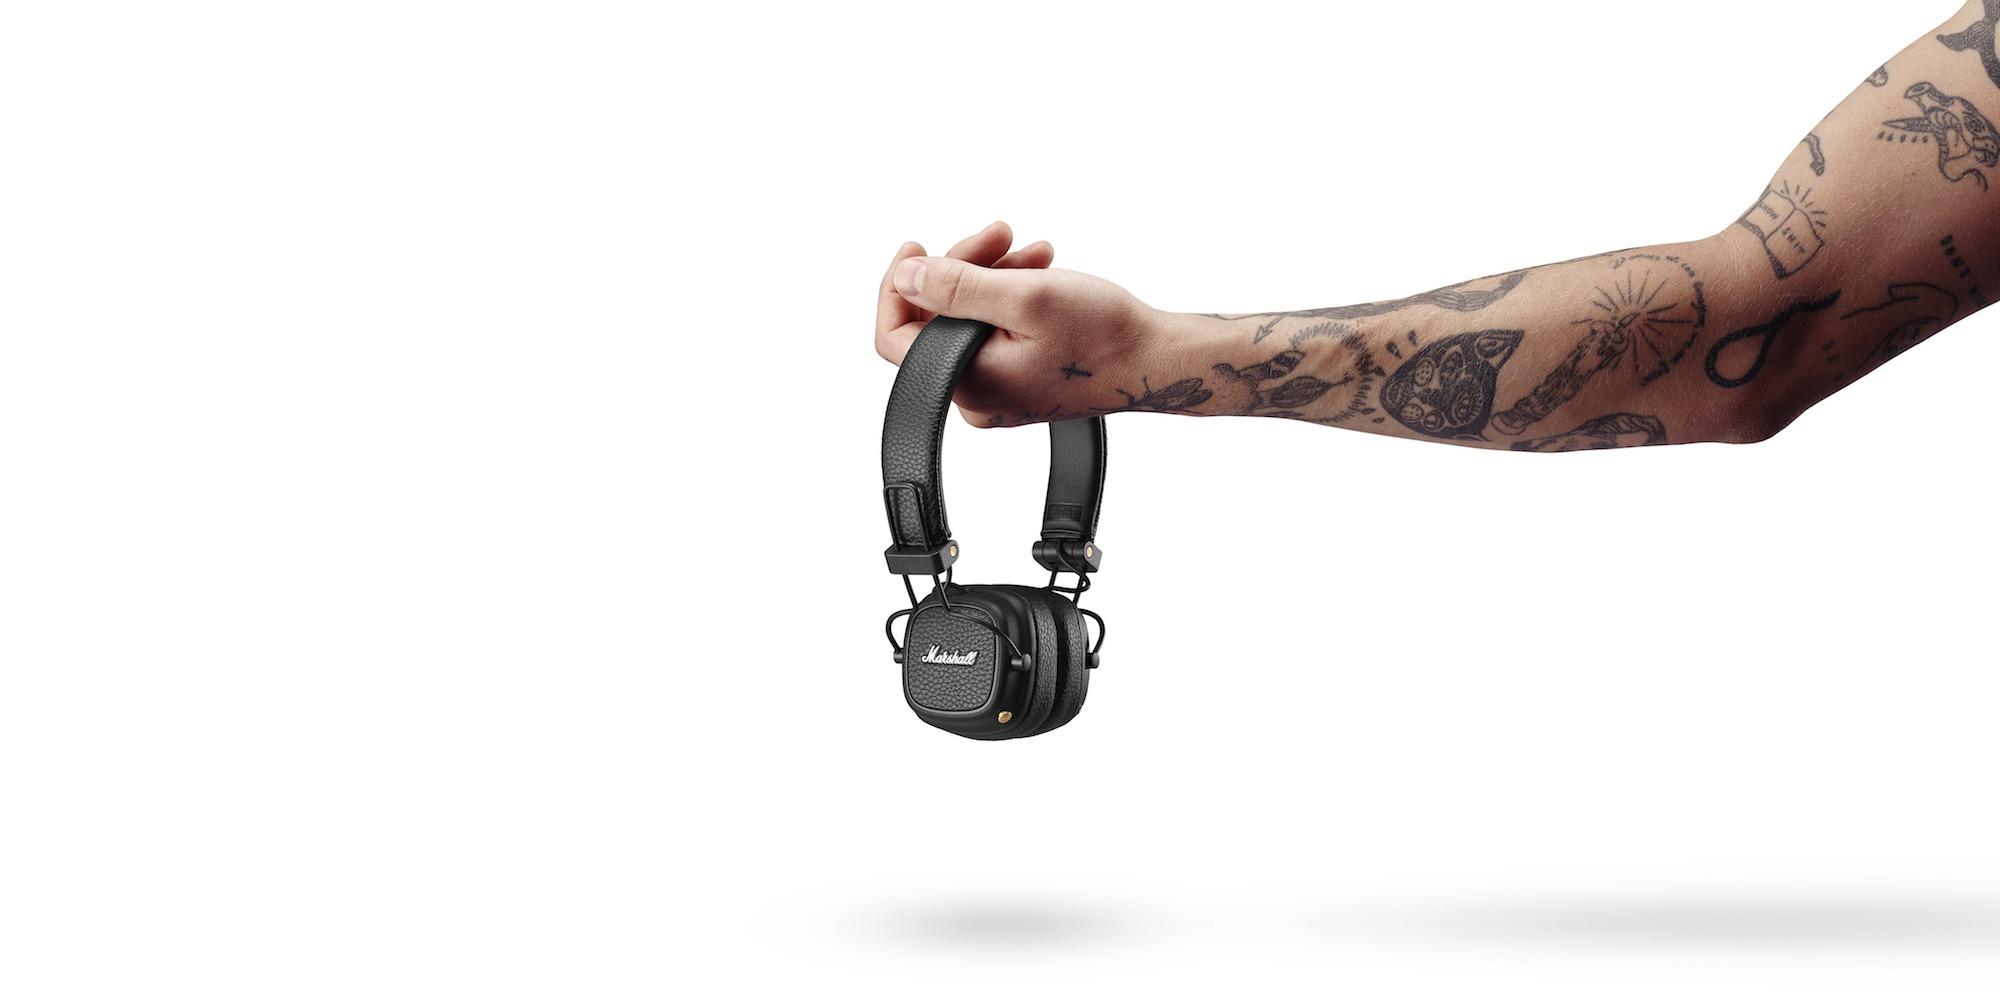 Marshall Google Assistant headphones